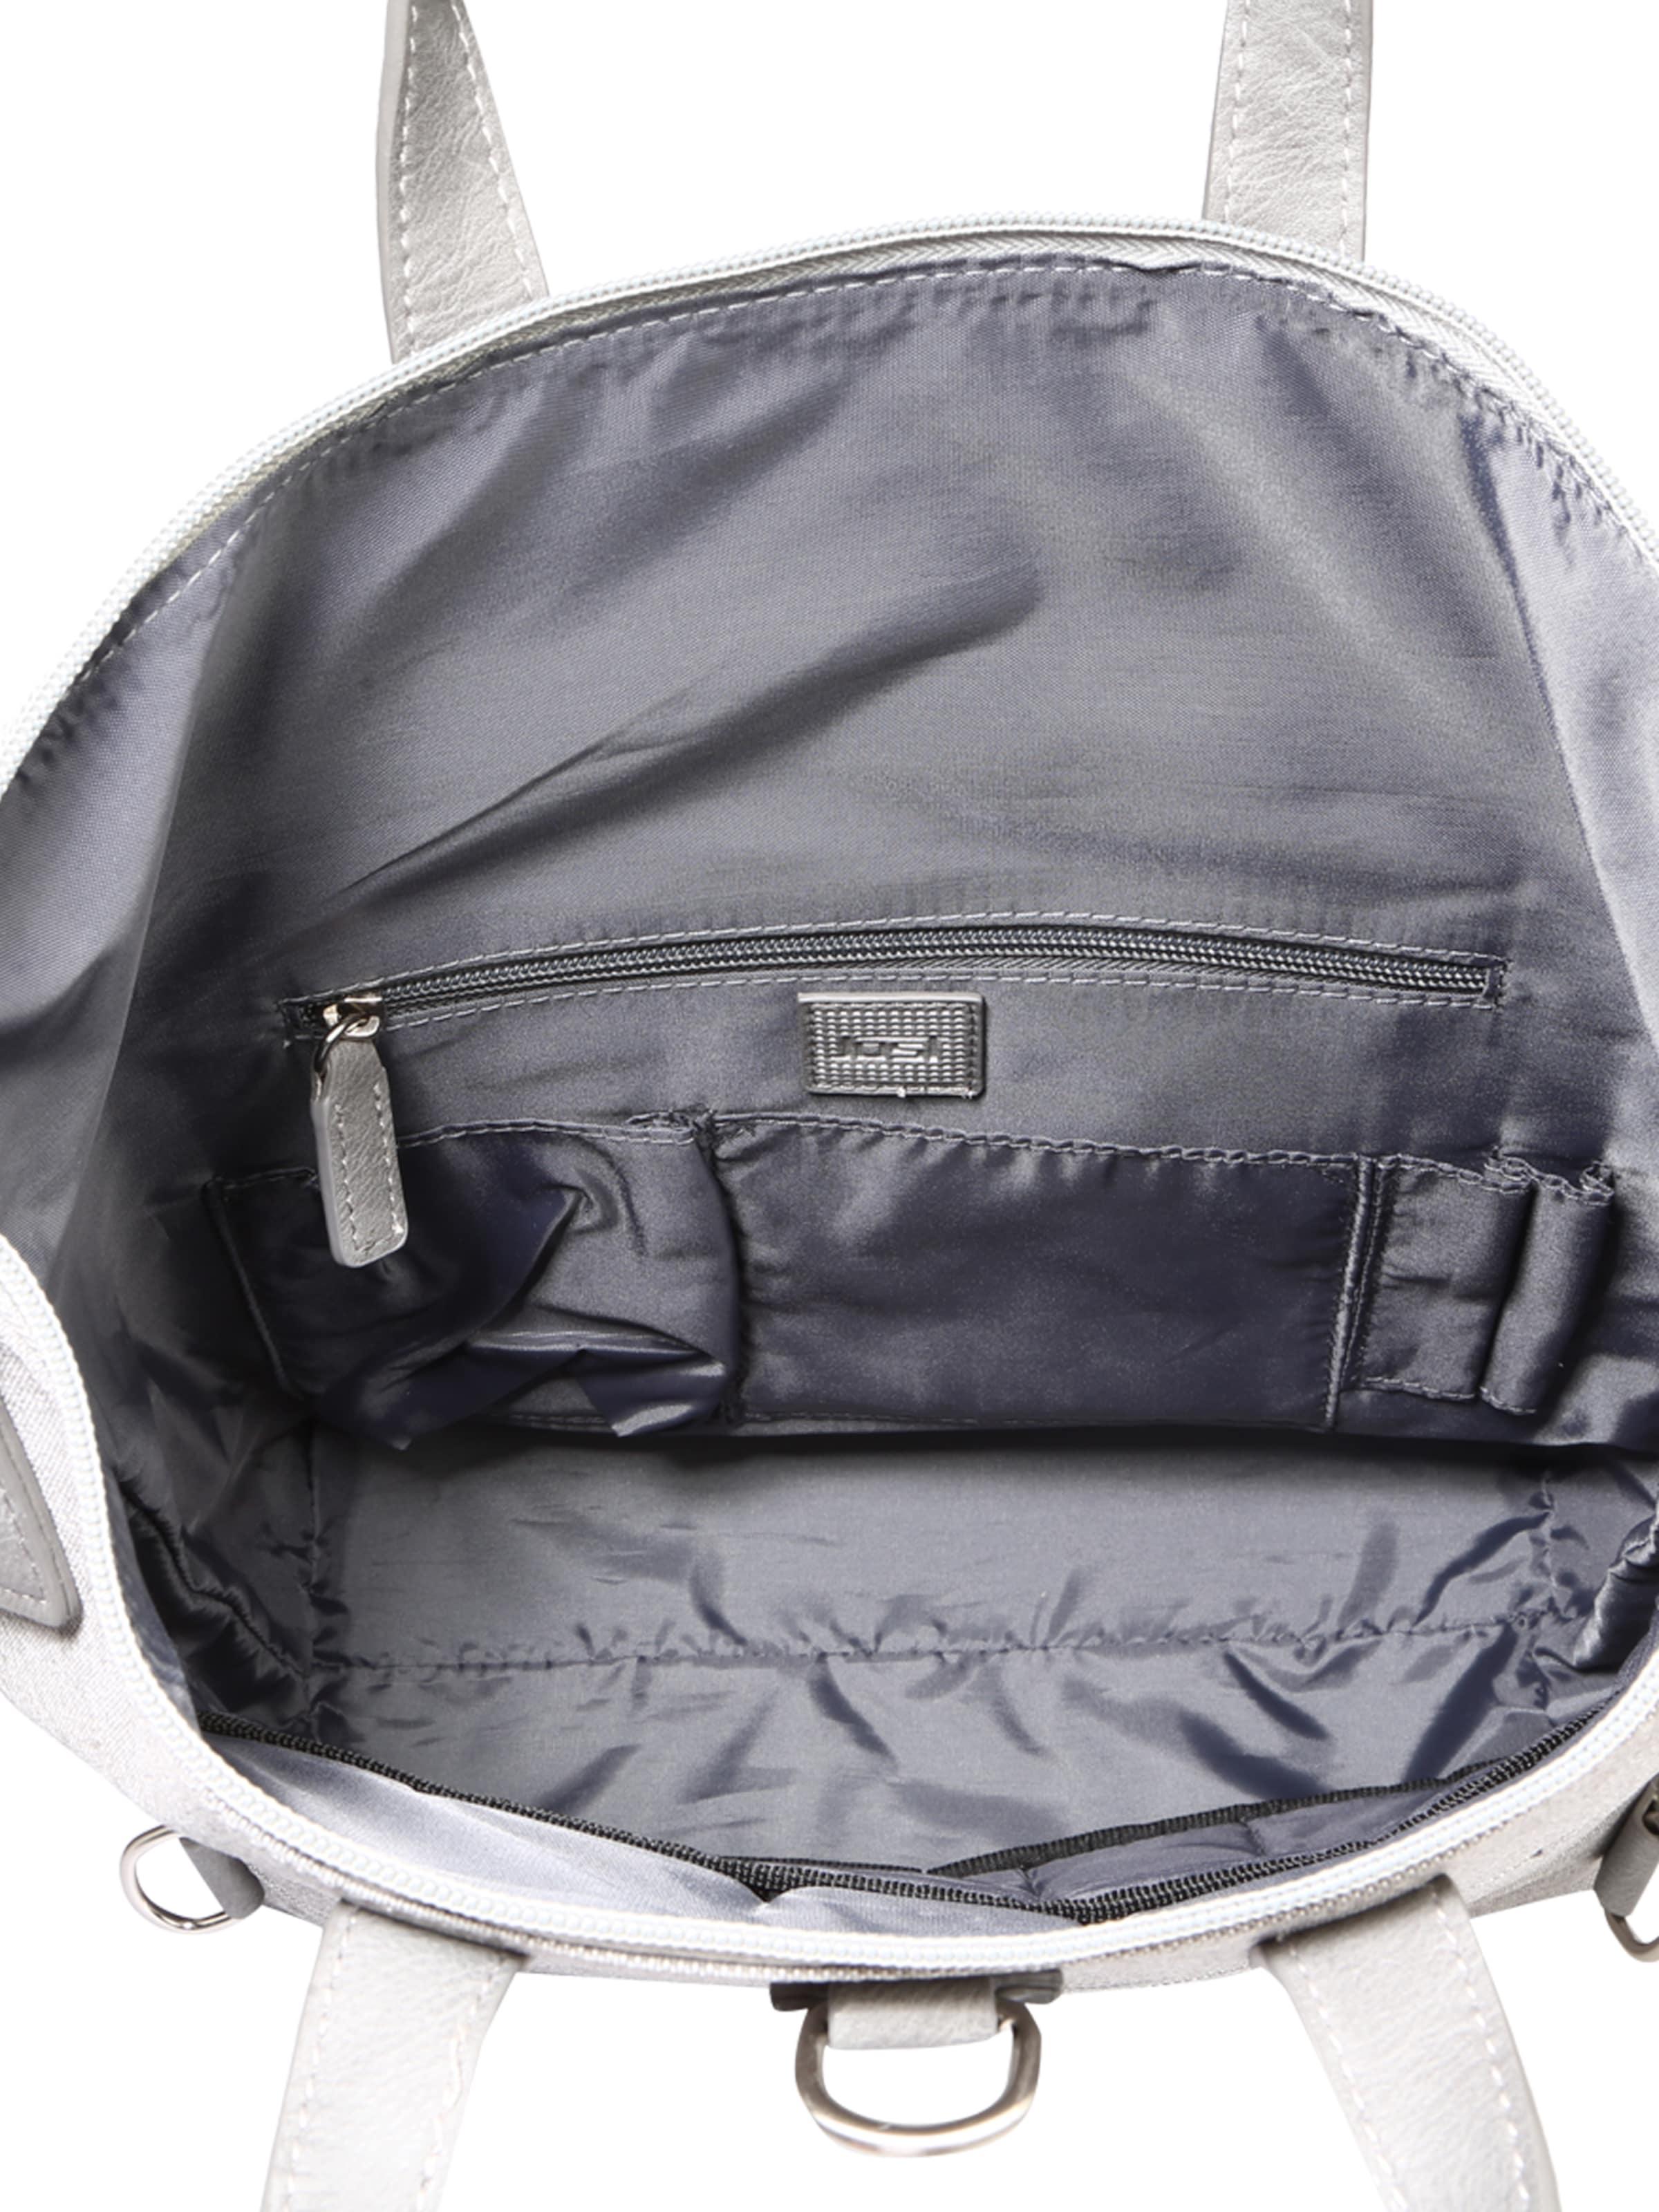 Change' JOST X Tasche JOST 3in1 3in1 Rucksack 'BERGEN qwvCaZ